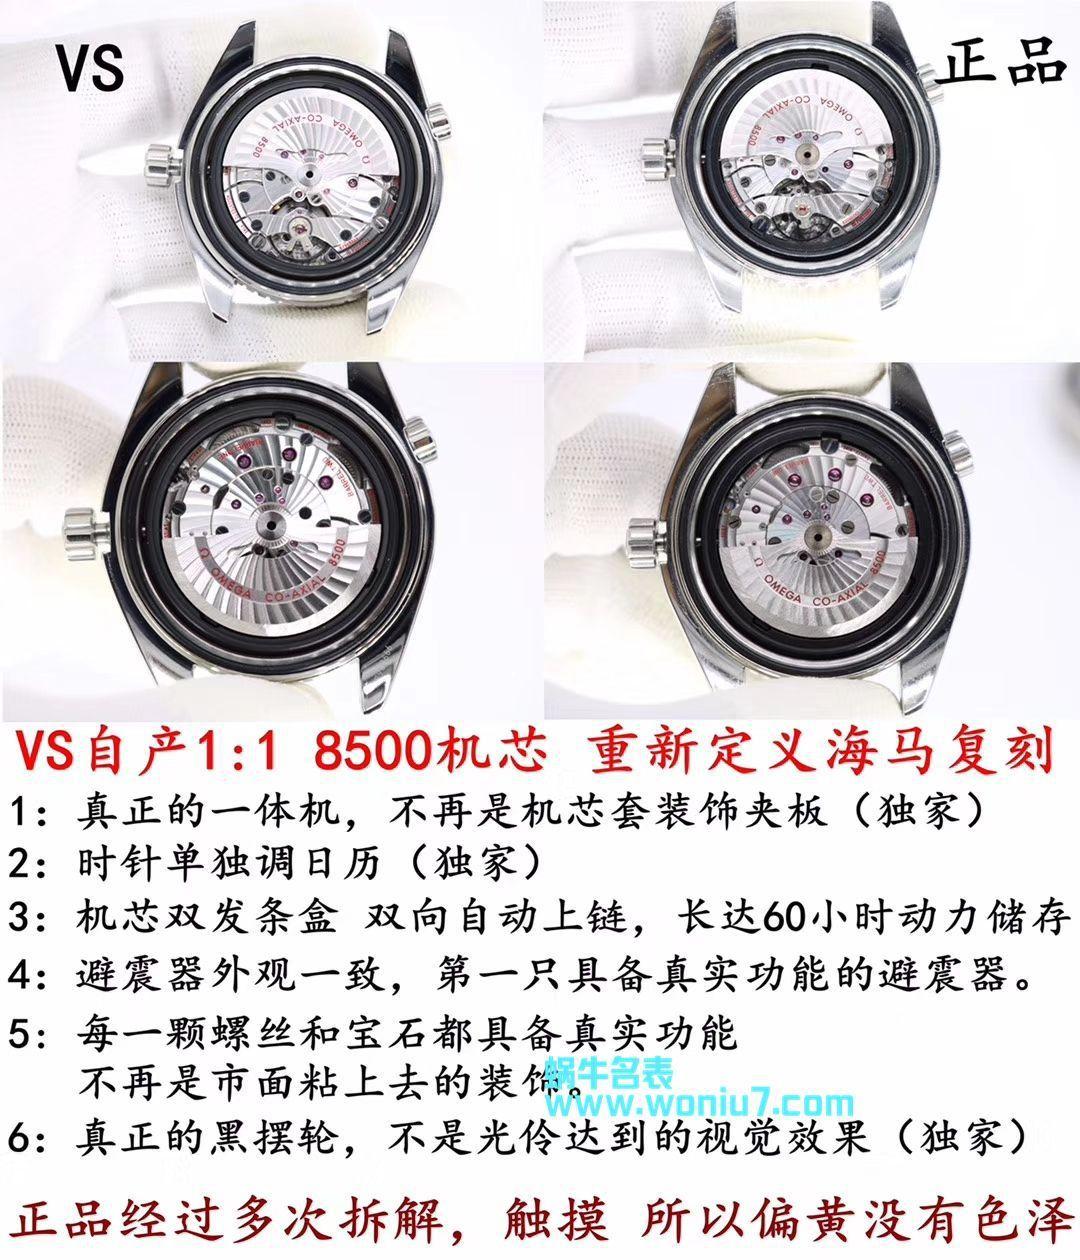 视频评测VS厂超A精仿欧米茄海马海洋宇宙600米232.30.46.21.01.001腕表 / M335VS